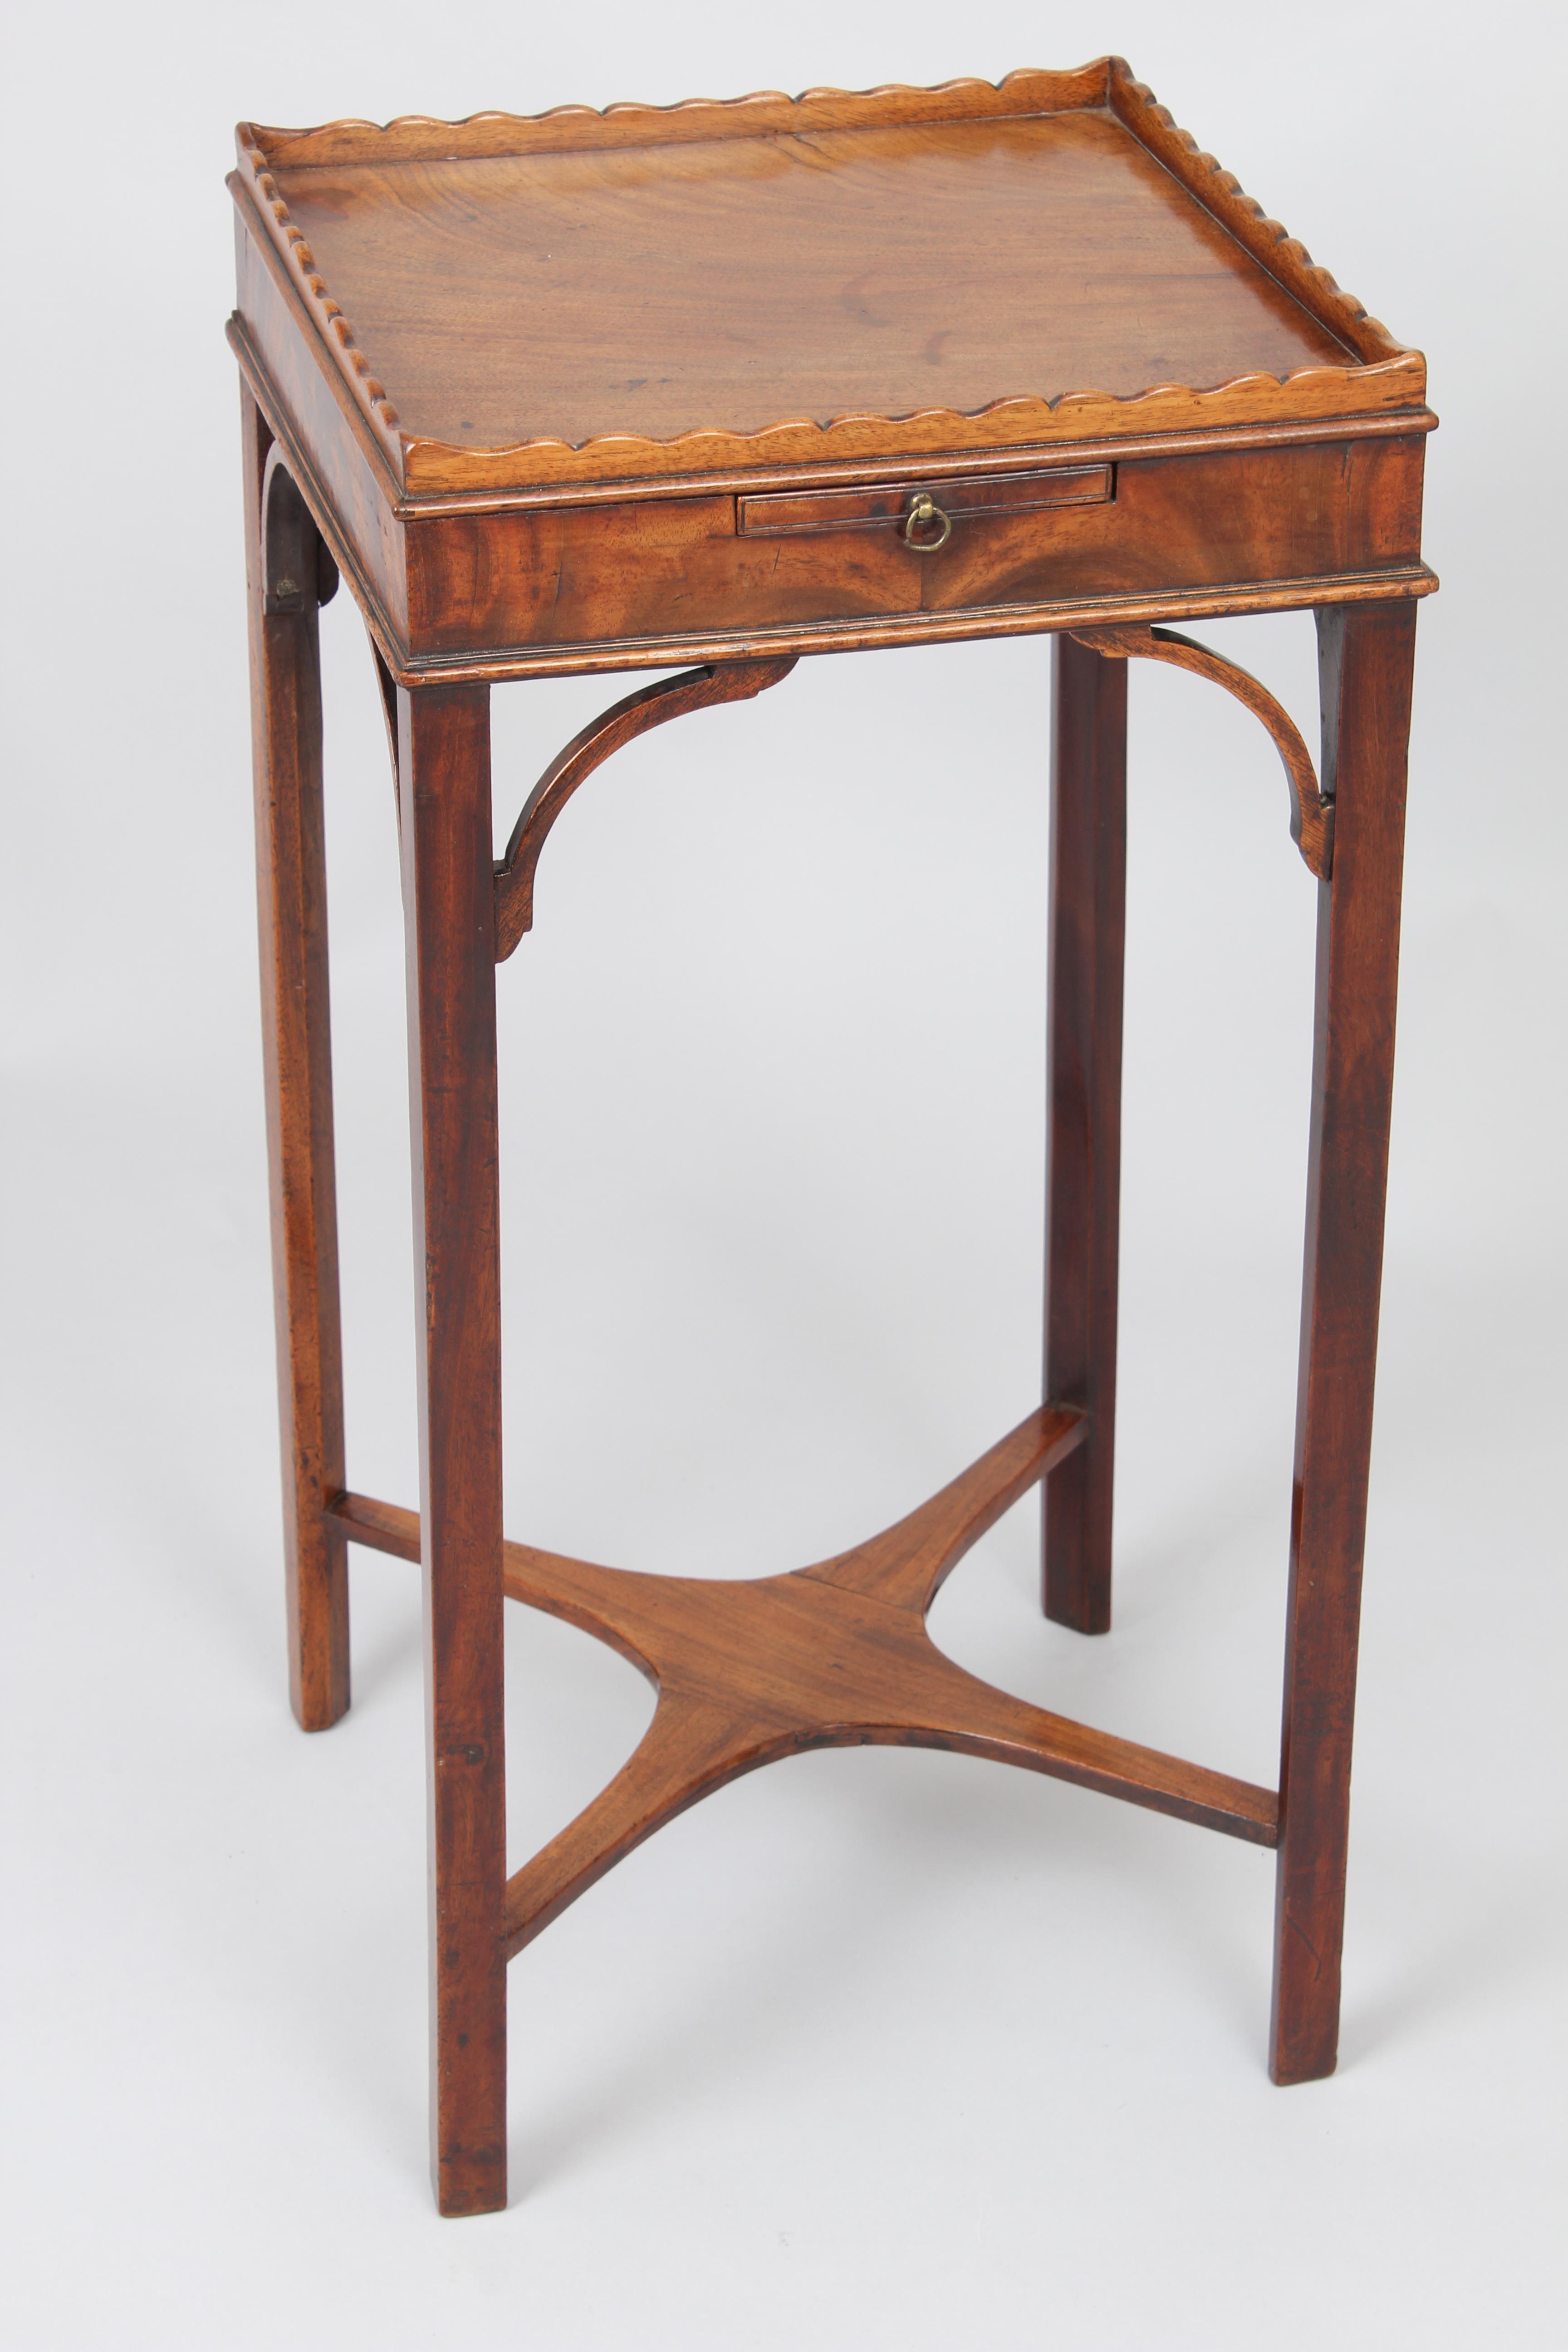 George III Period Mahogany Urn-Stand